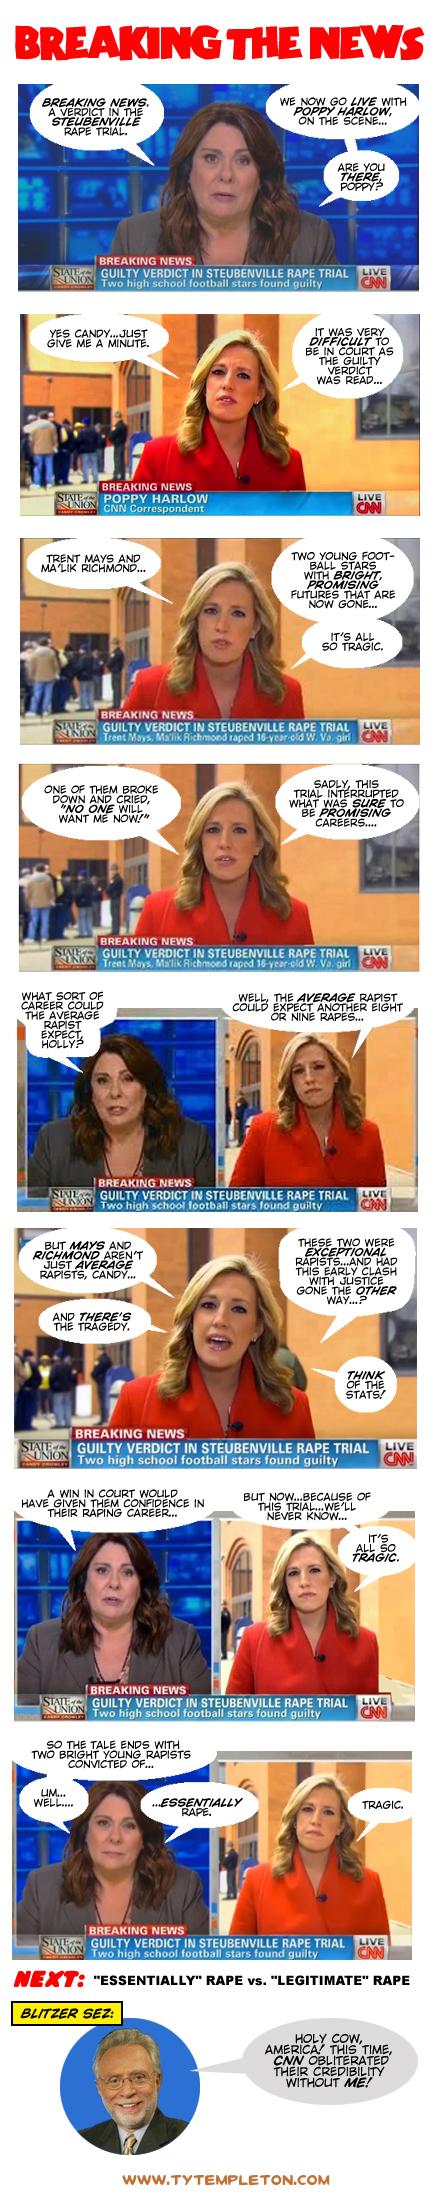 BREAKING THE NEWS websize